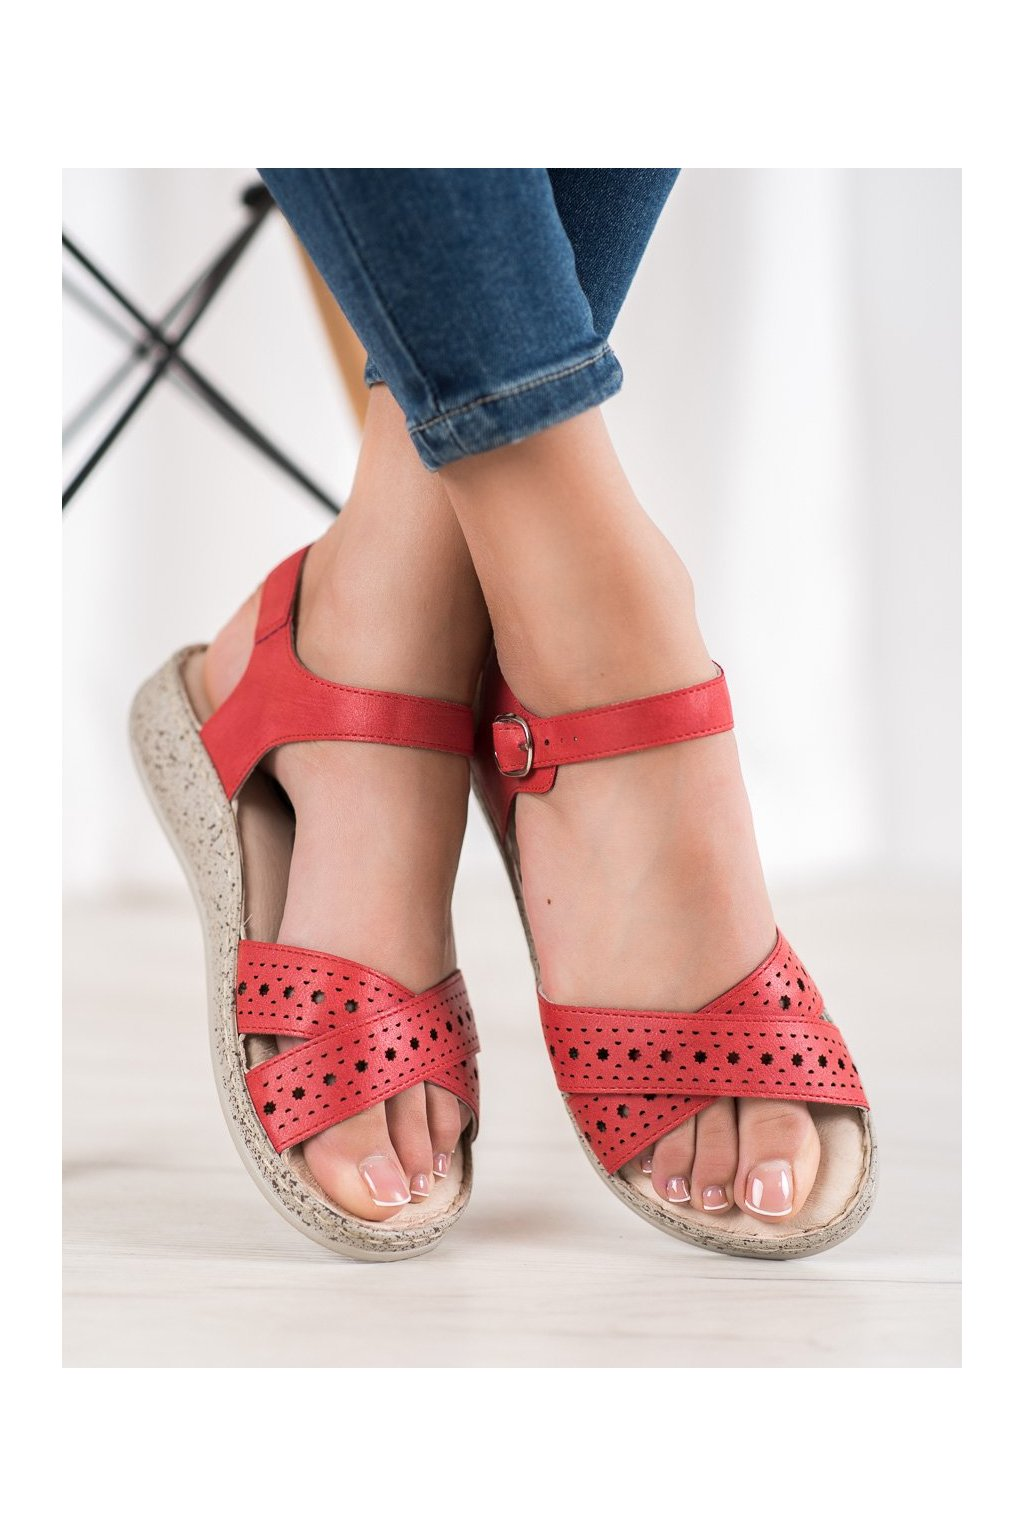 Červené sandále Shelovet kod B119-05-02ROJO